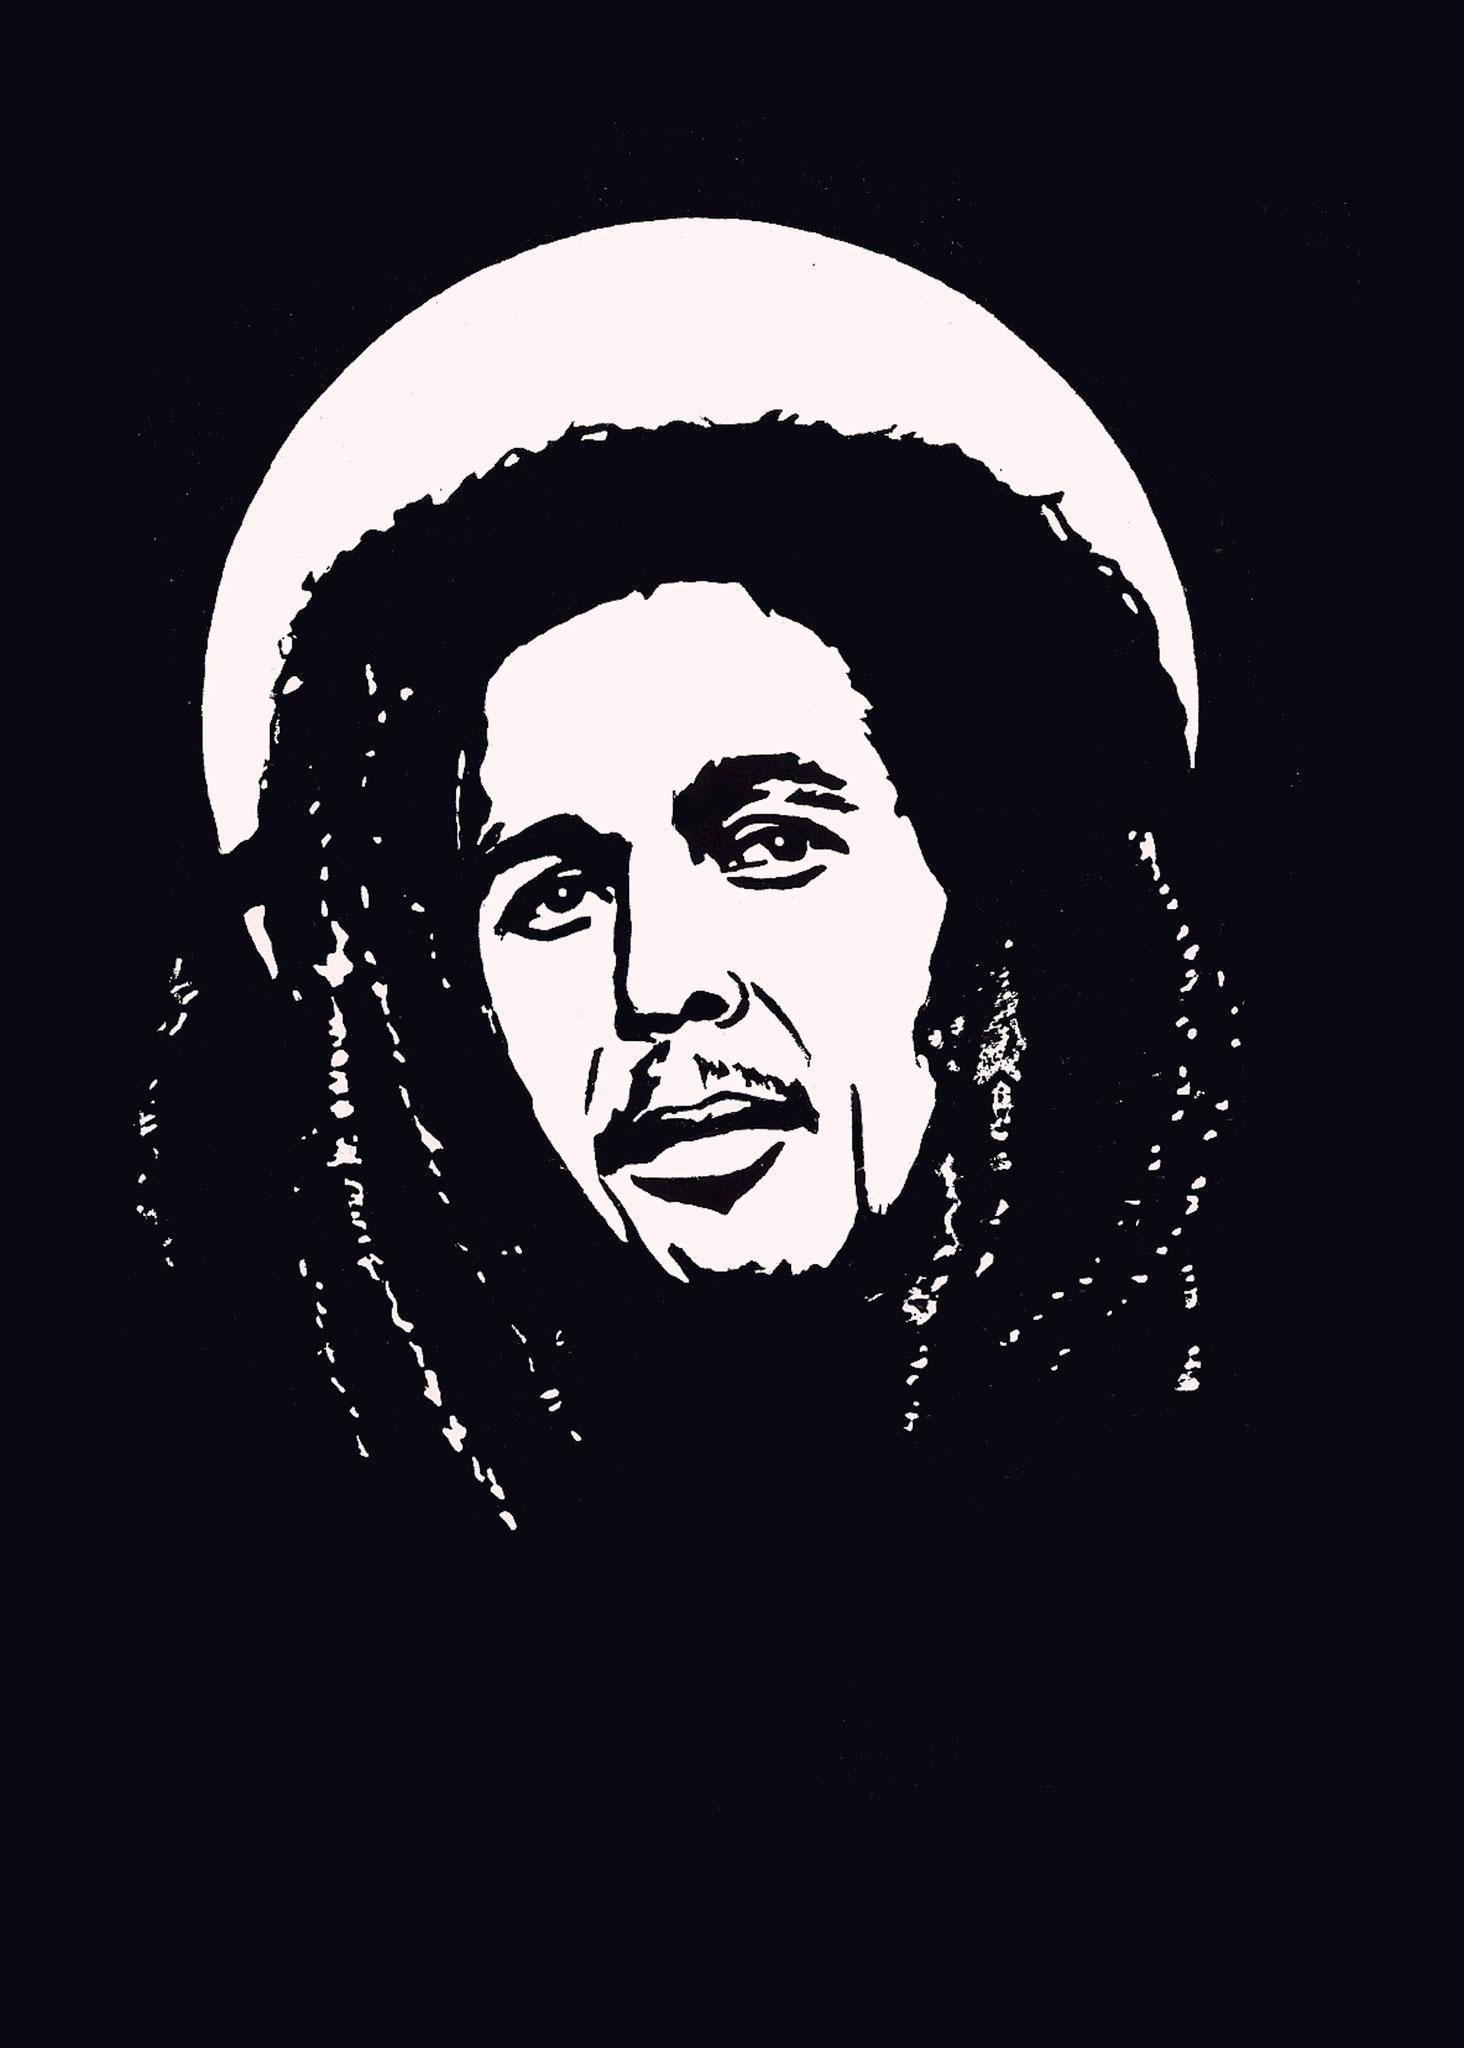 Bob Marley, 06/02/2018, Edition 5, A5